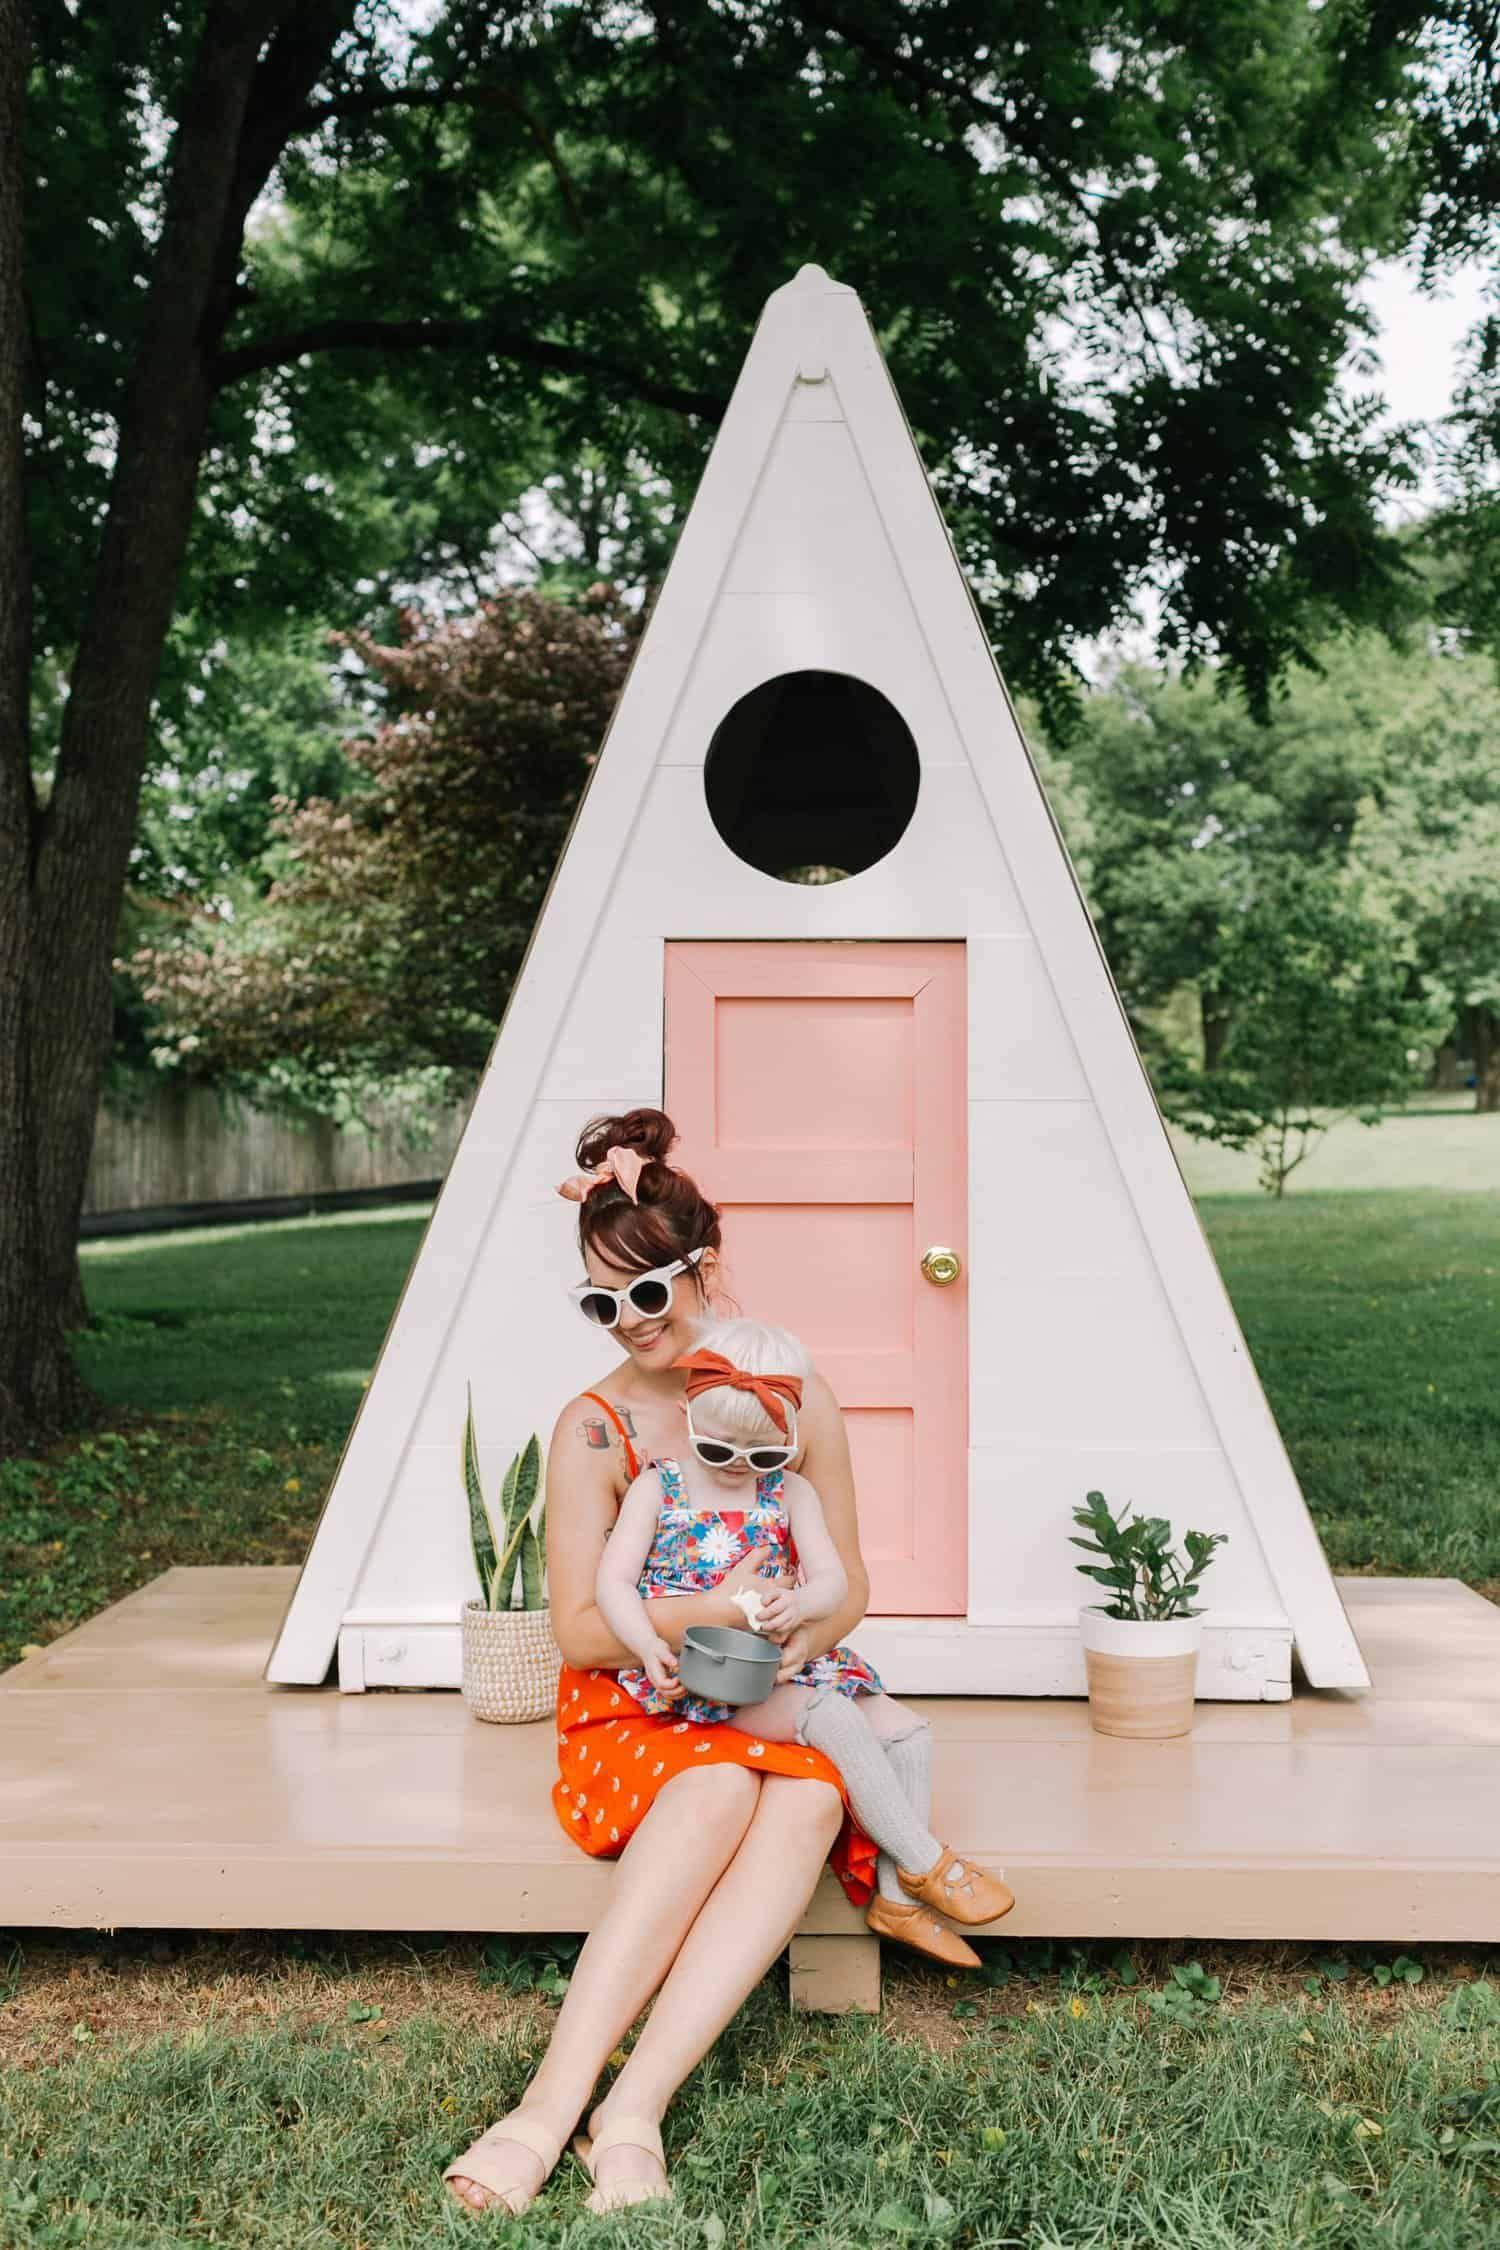 Aframe playhouse diy diy playhouse play houses build